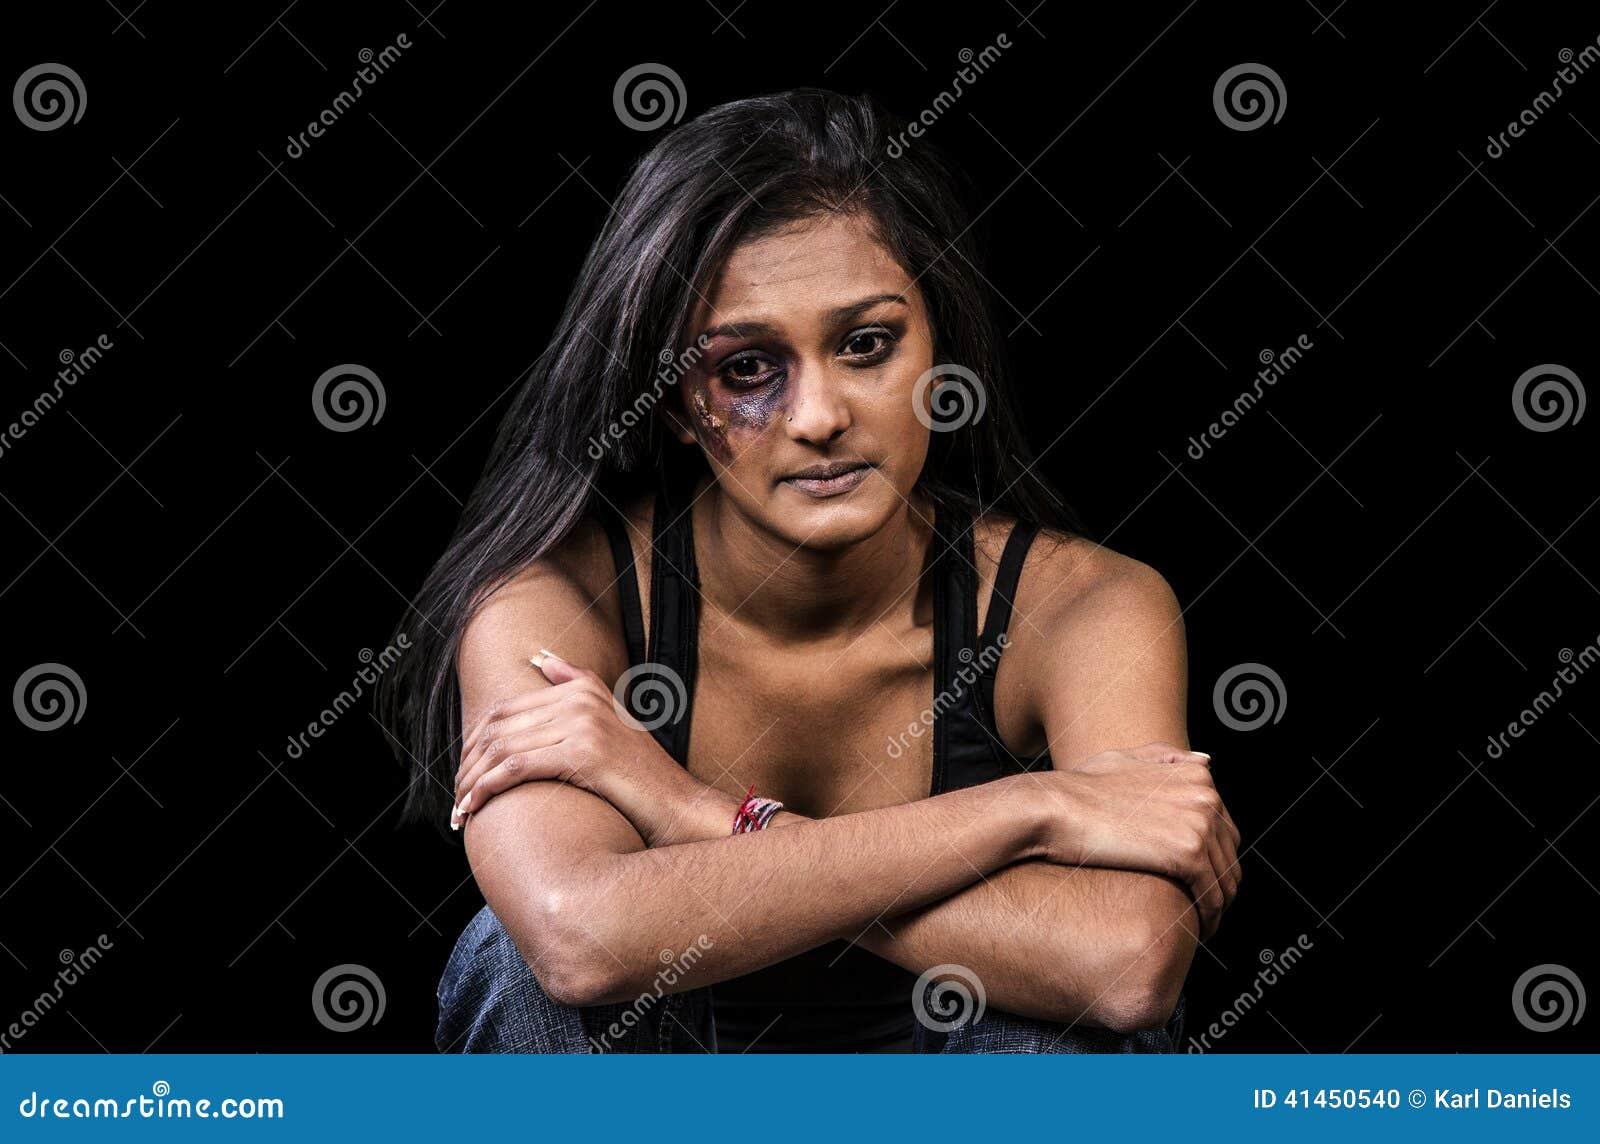 Έφηβος Ινδικό σεξ εικόνα